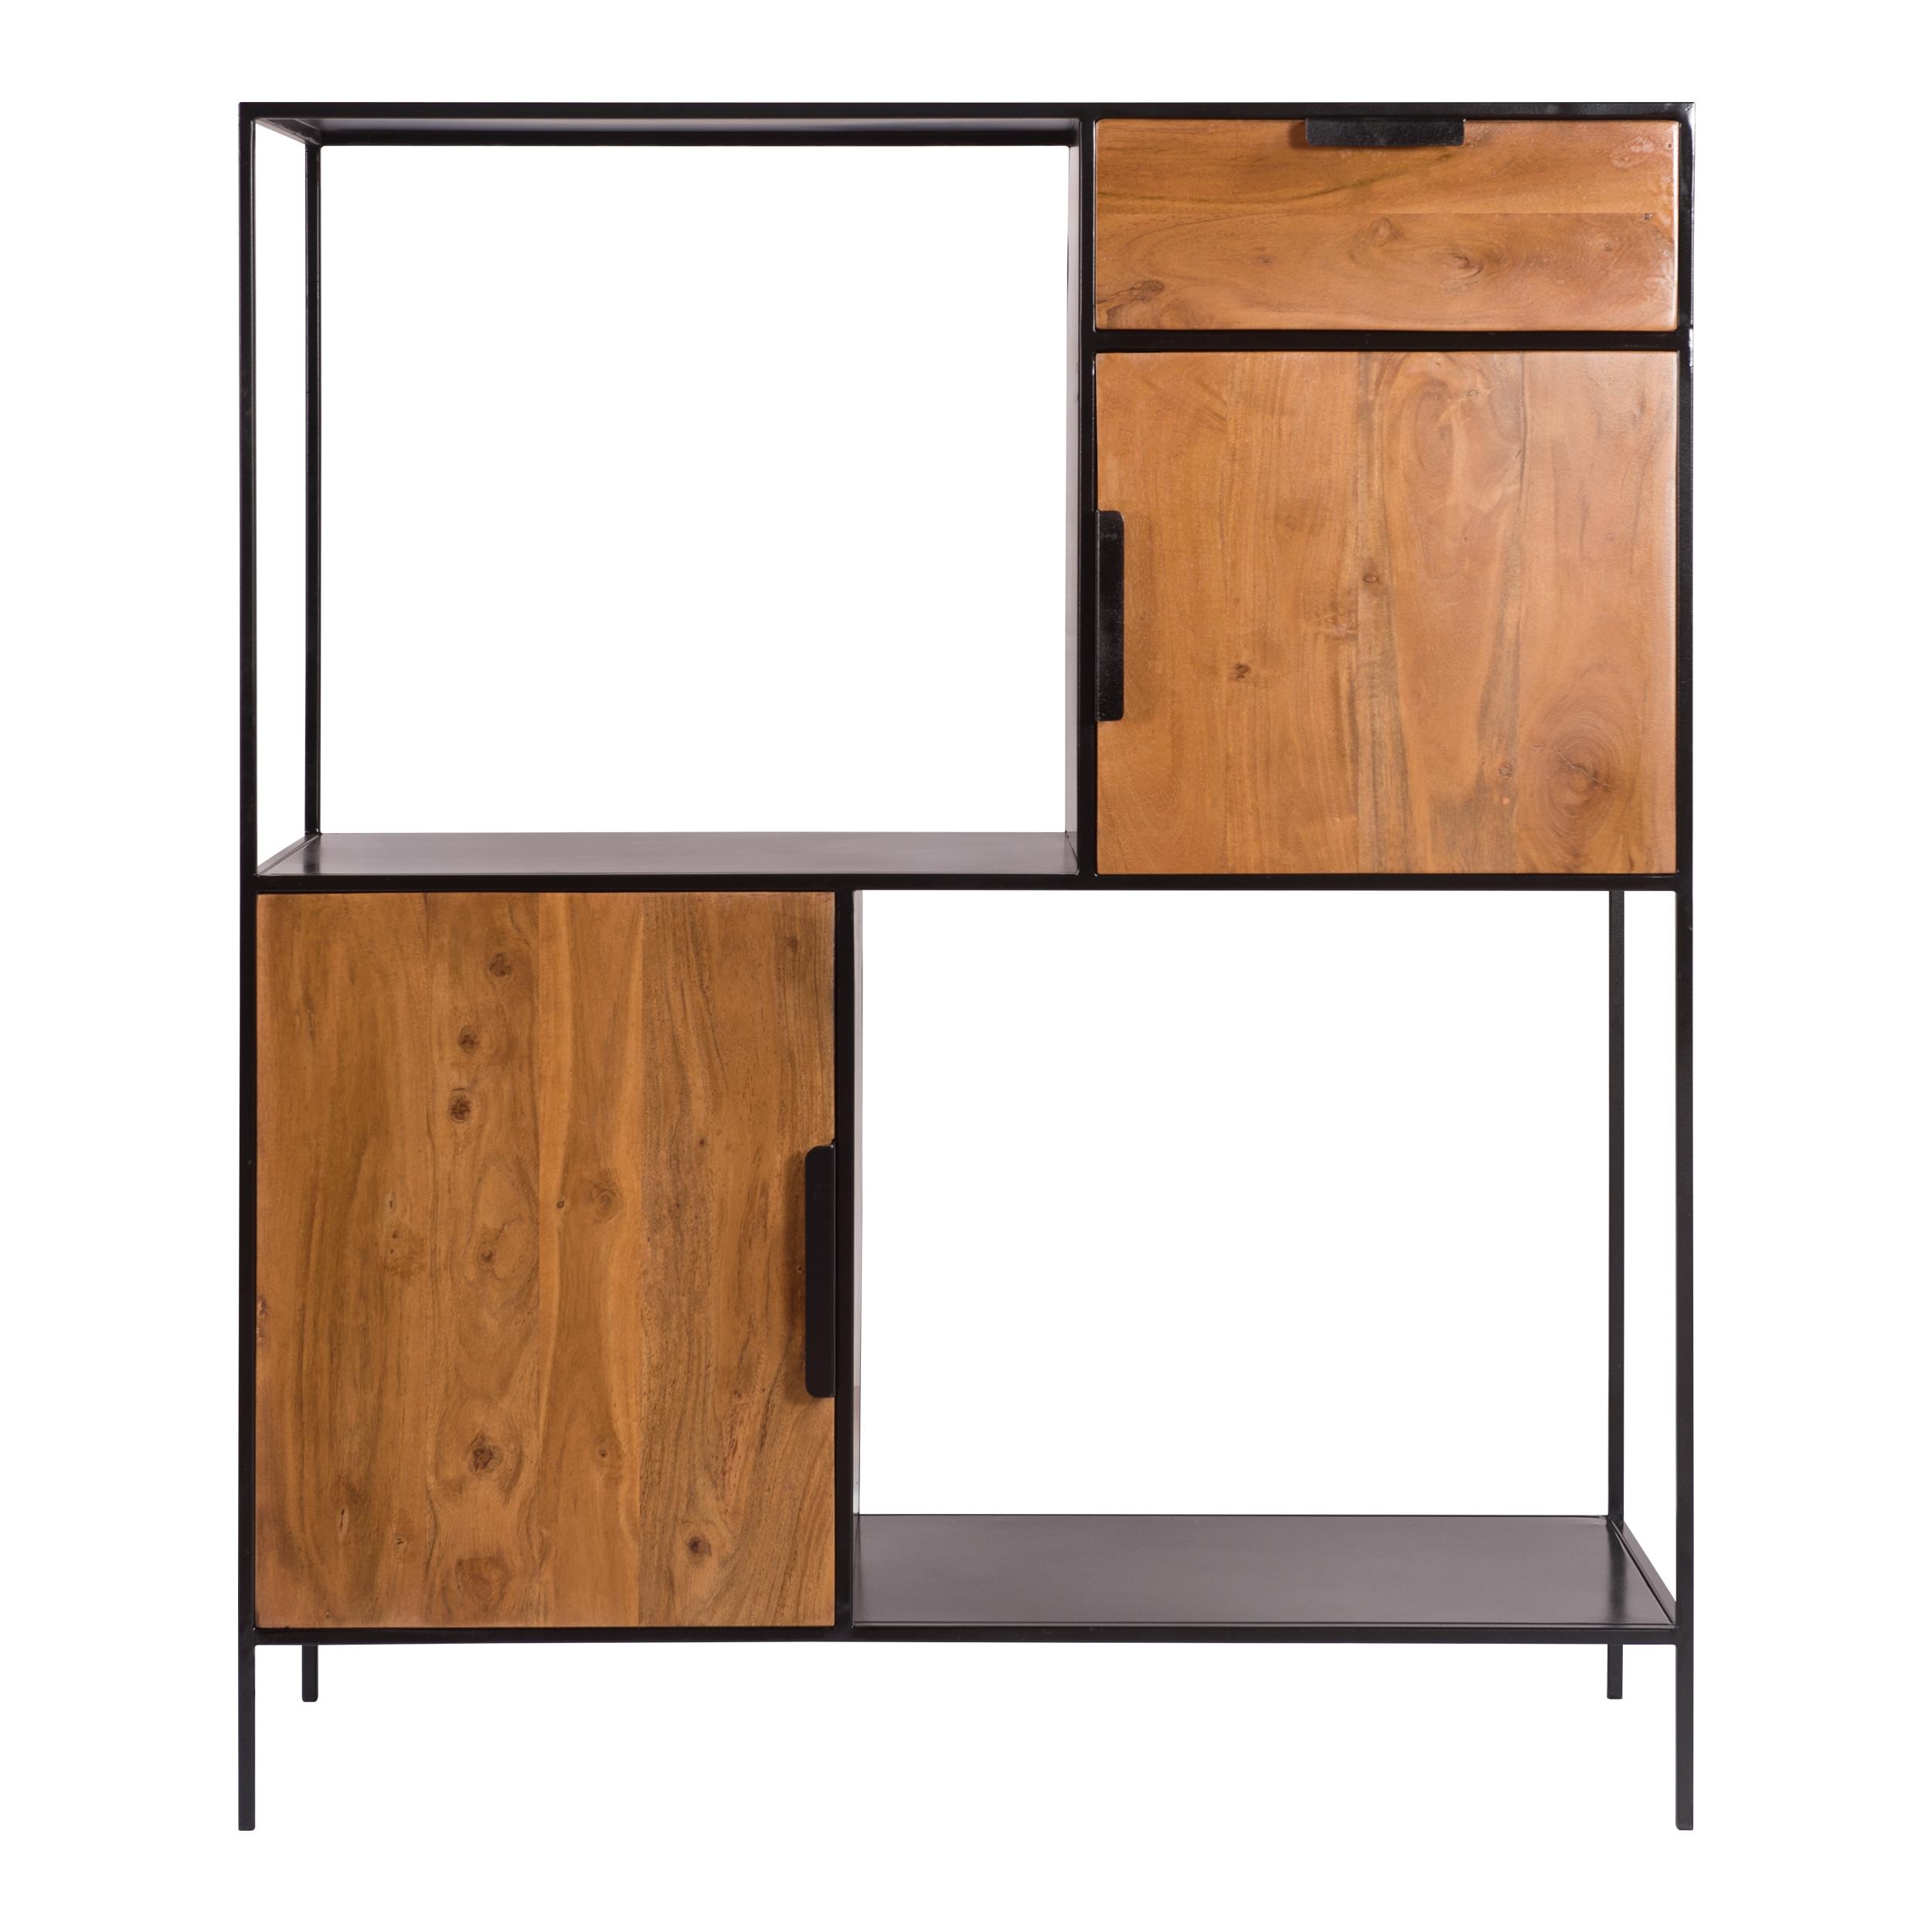 Etagère 2 niches 2 portes en bois d'acacia et métal